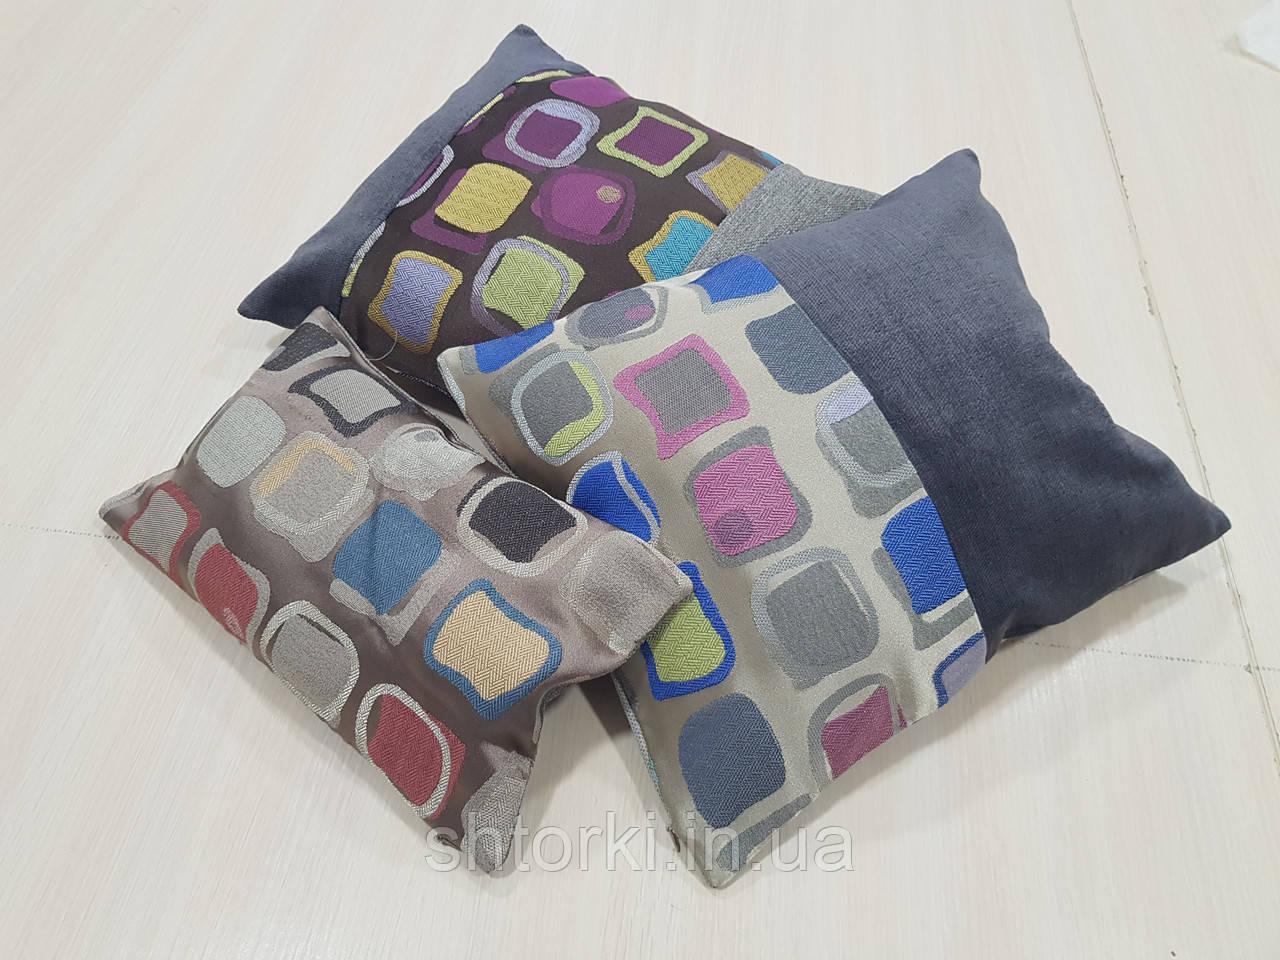 Комплект подушок квадрати різні, 3шт